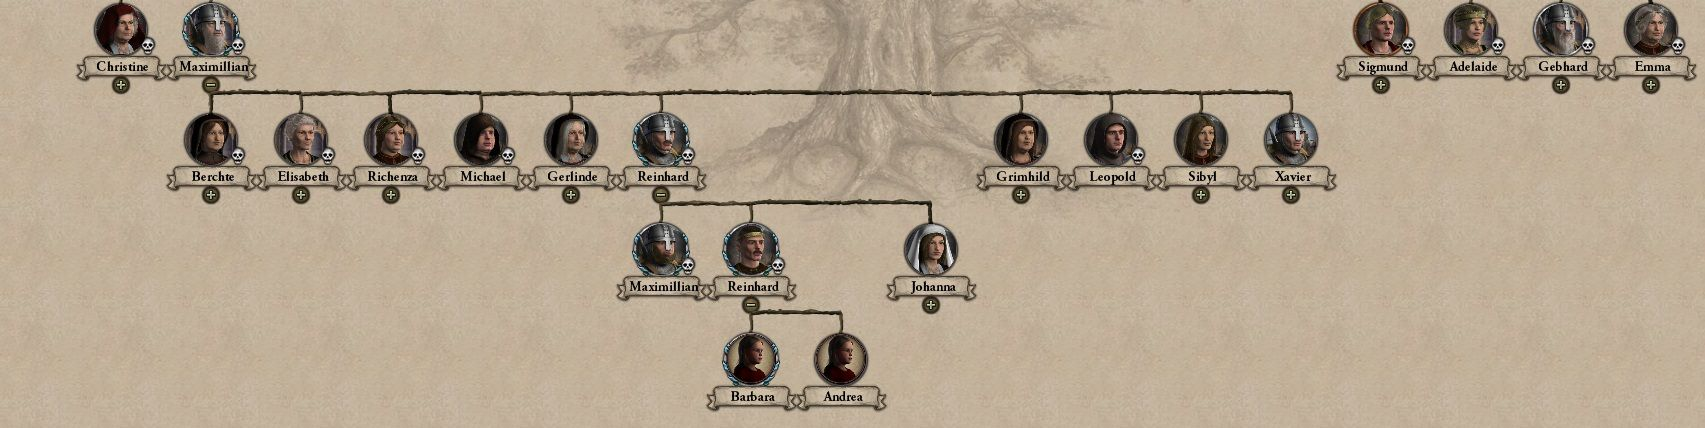 familytreept2.jpg